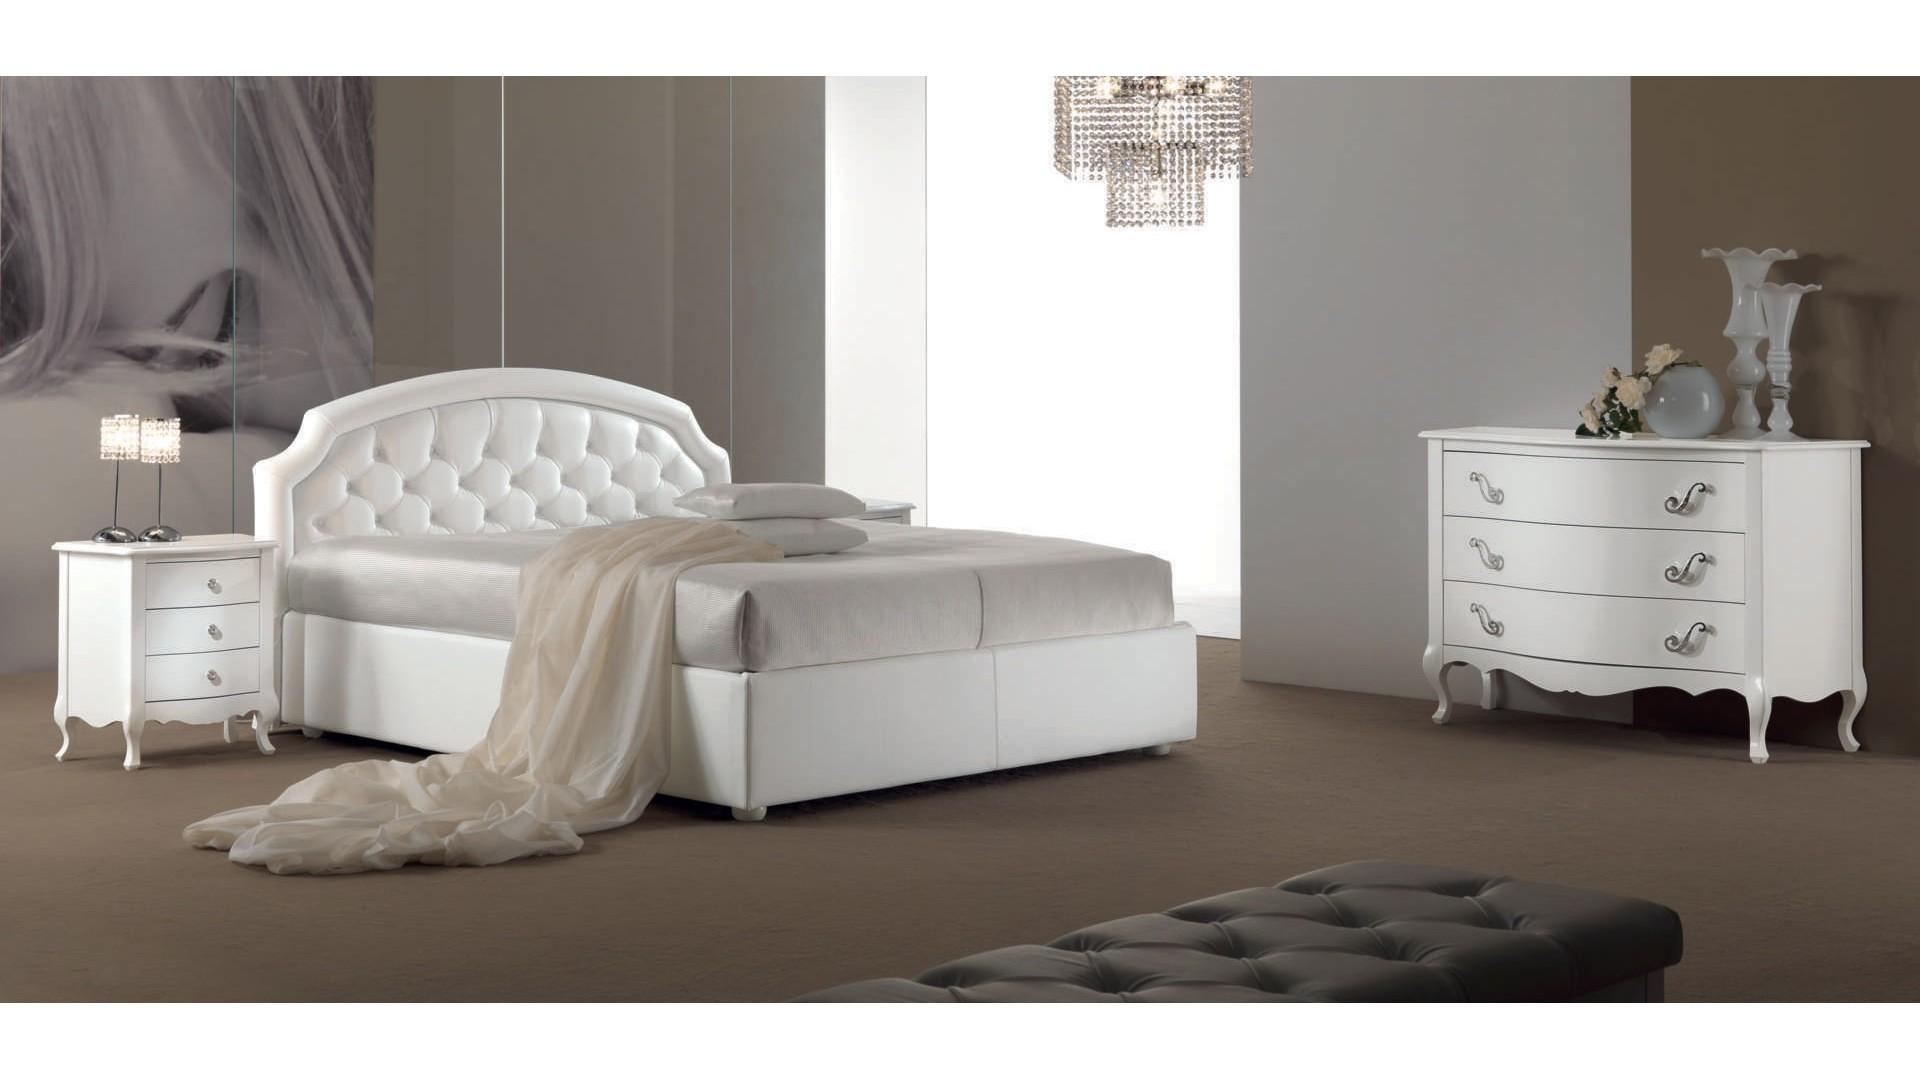 lit double chambre a coucher personnalisable maxime k piermaria